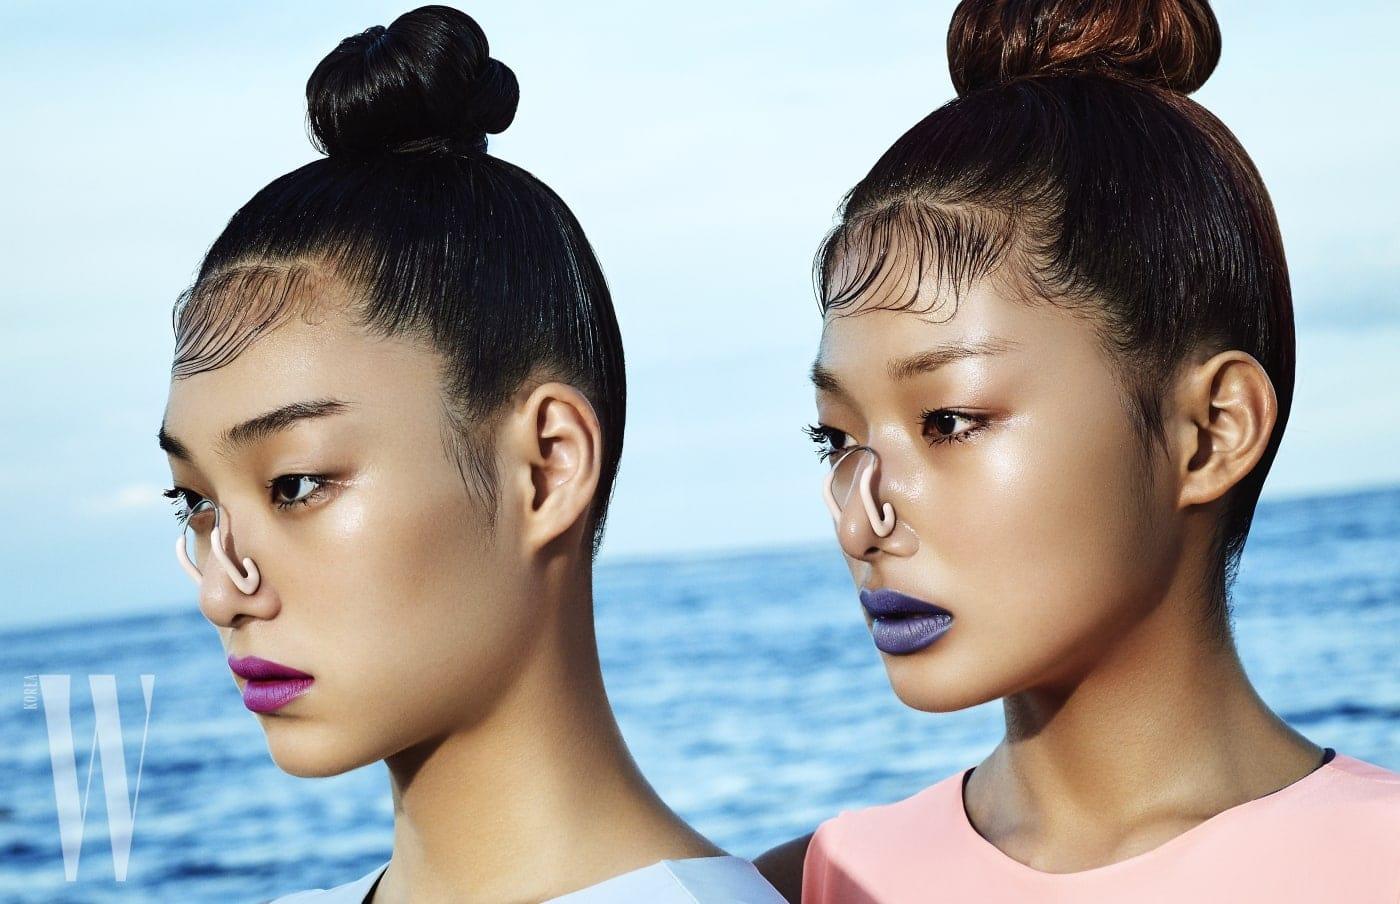 김설희가 입은 하늘색 수영복과 최아라가 입은 핑크색 수영복은 5pening 제품.